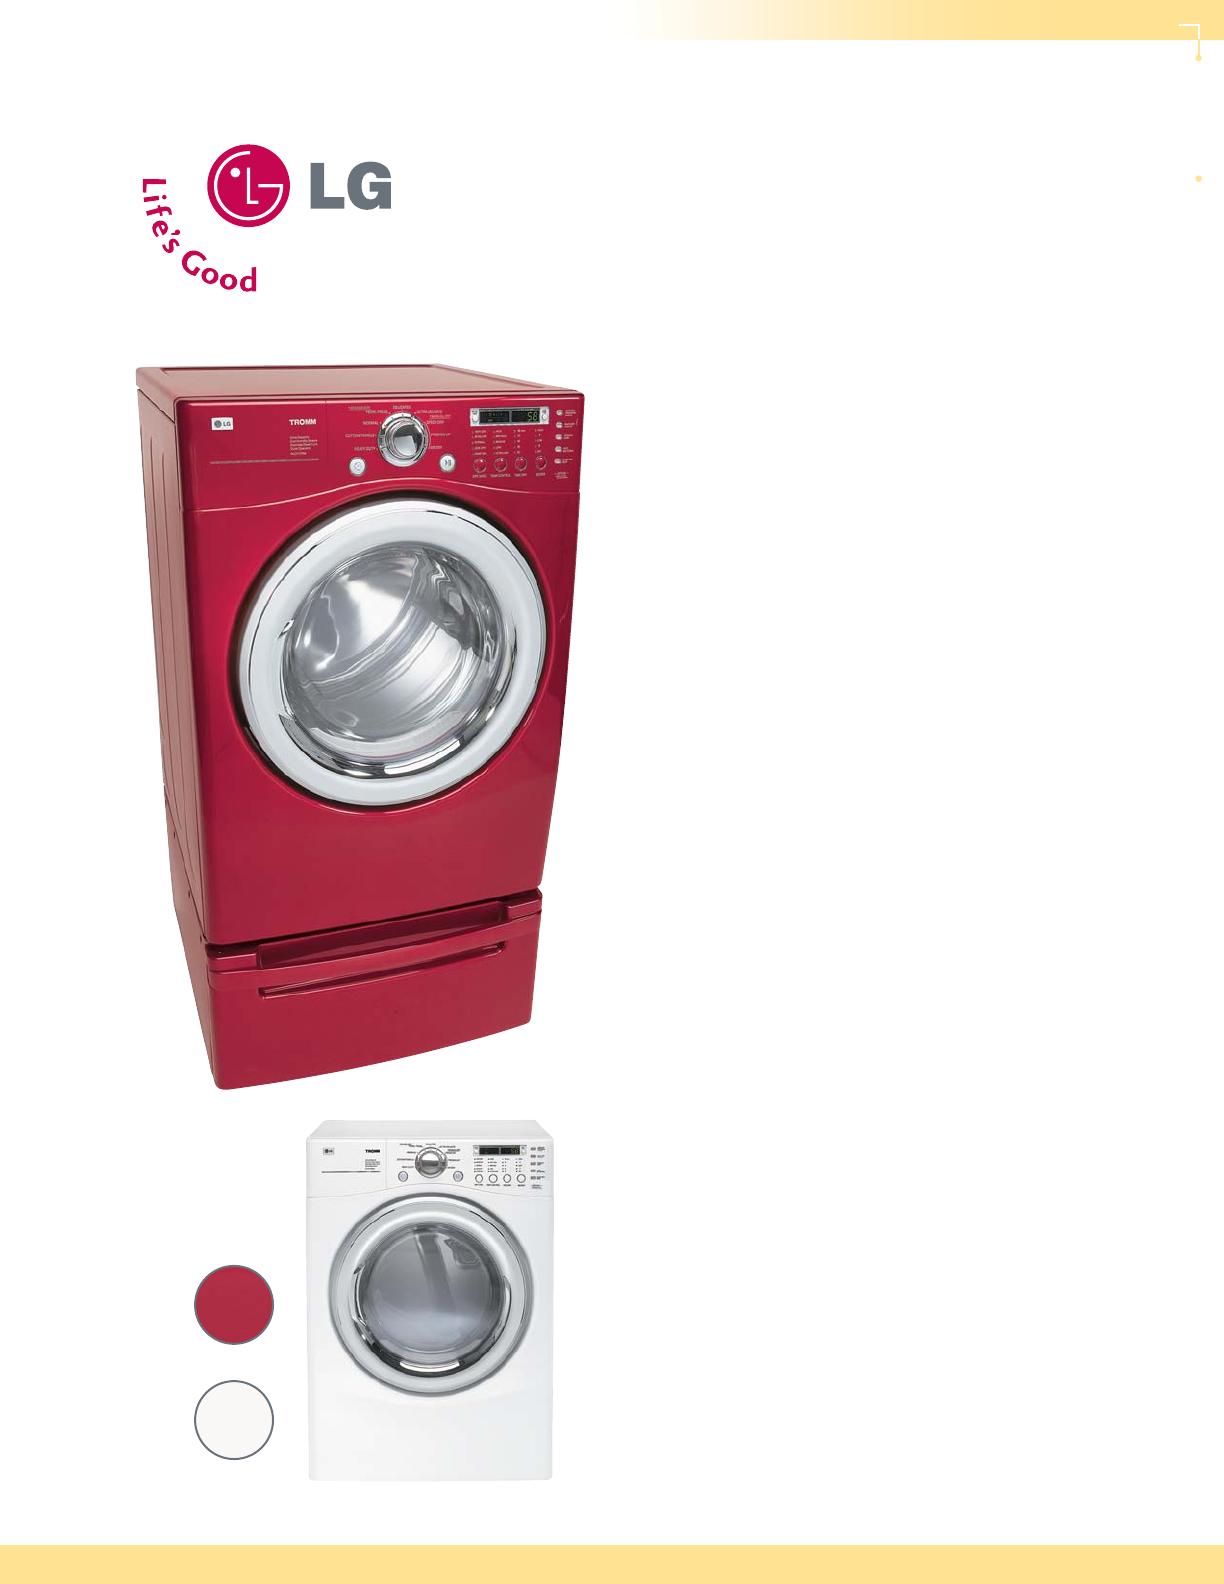 lg electronics clothes dryer dle7177 user guide. Black Bedroom Furniture Sets. Home Design Ideas